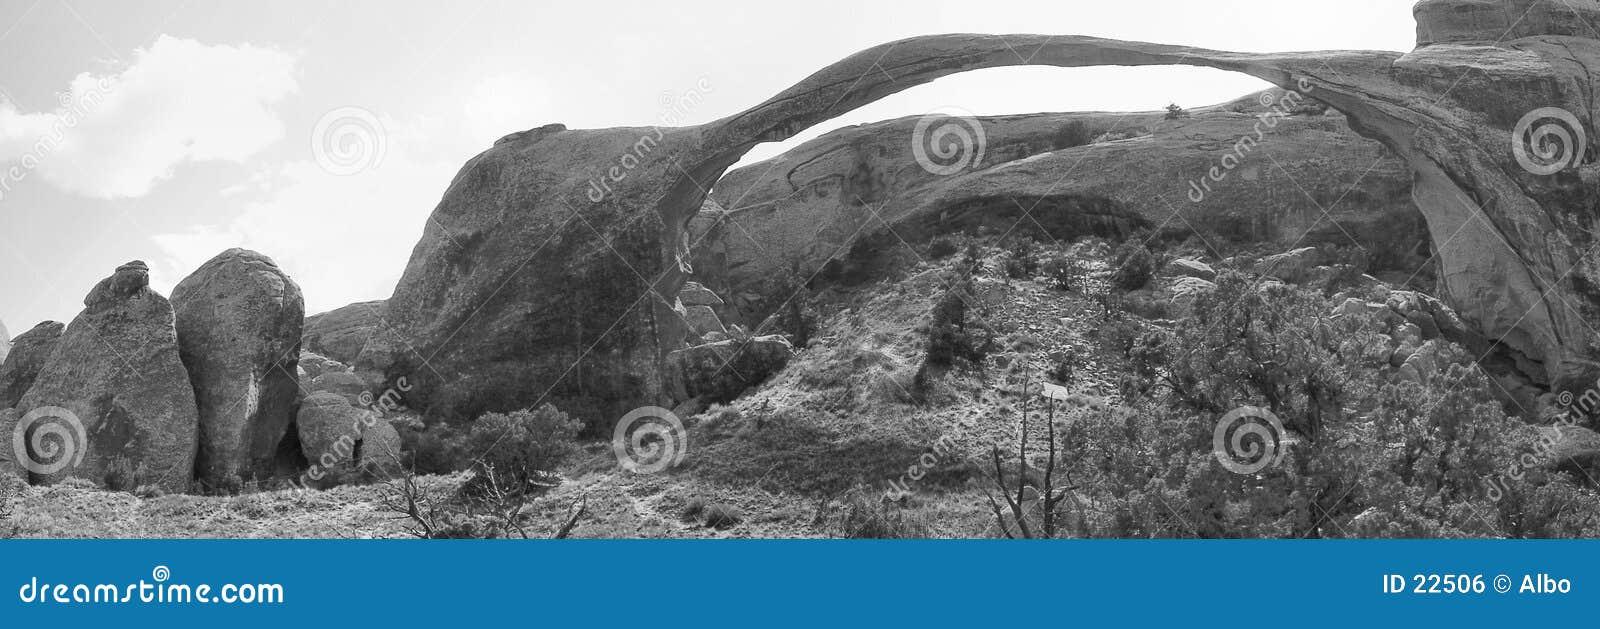 Het natuurreservaat van bogen: De Boog van het landschap